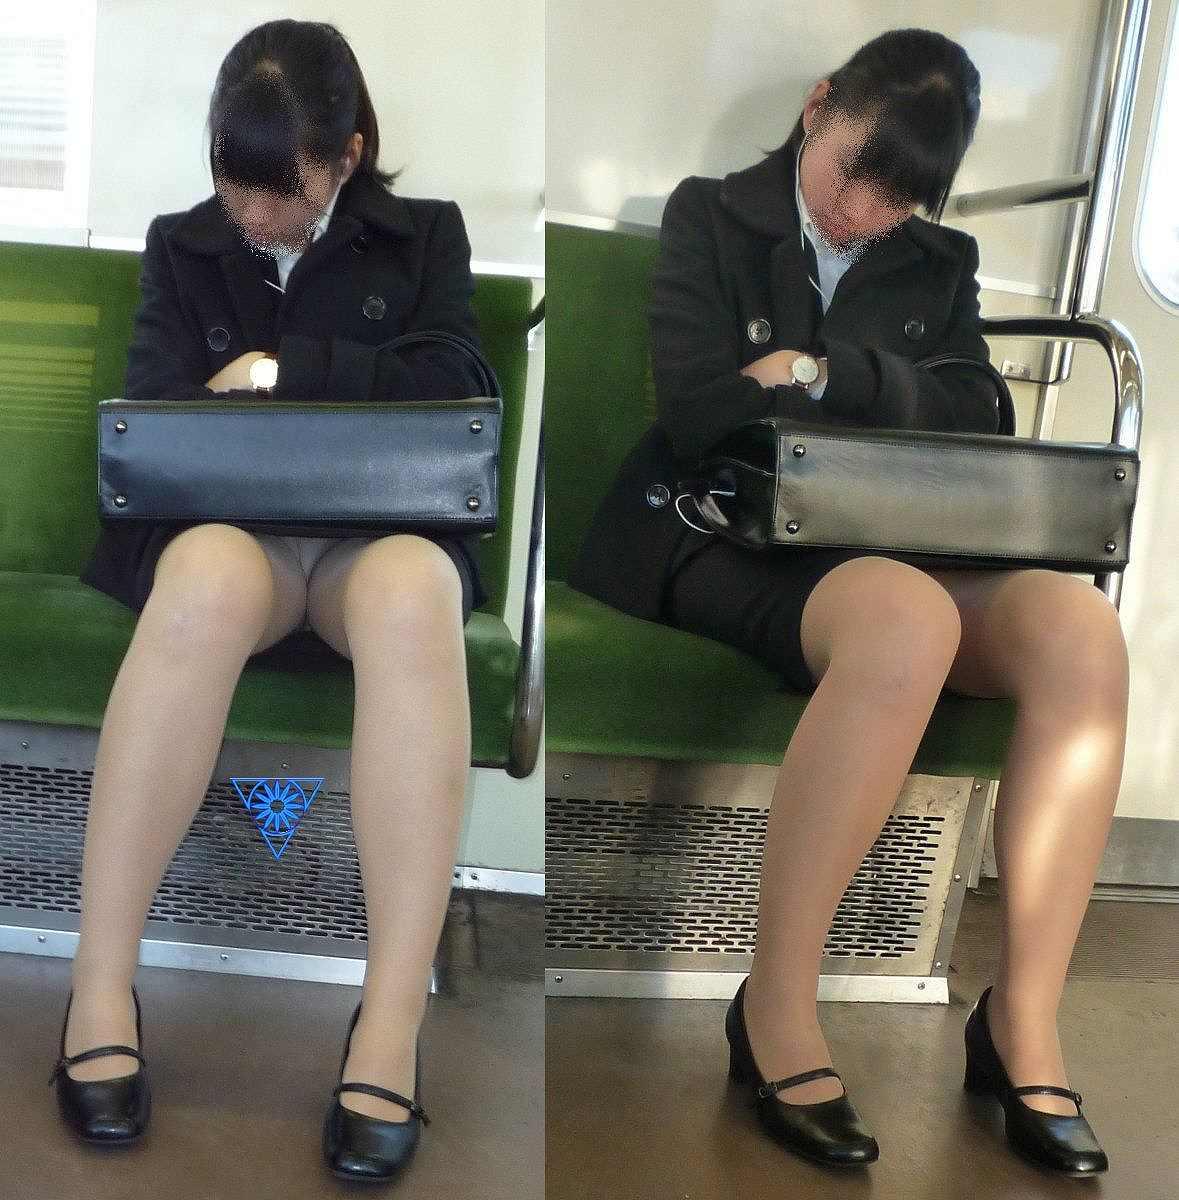 応援したくなる就職活動中のリクルートスーツお姉さんエロ画像6枚目